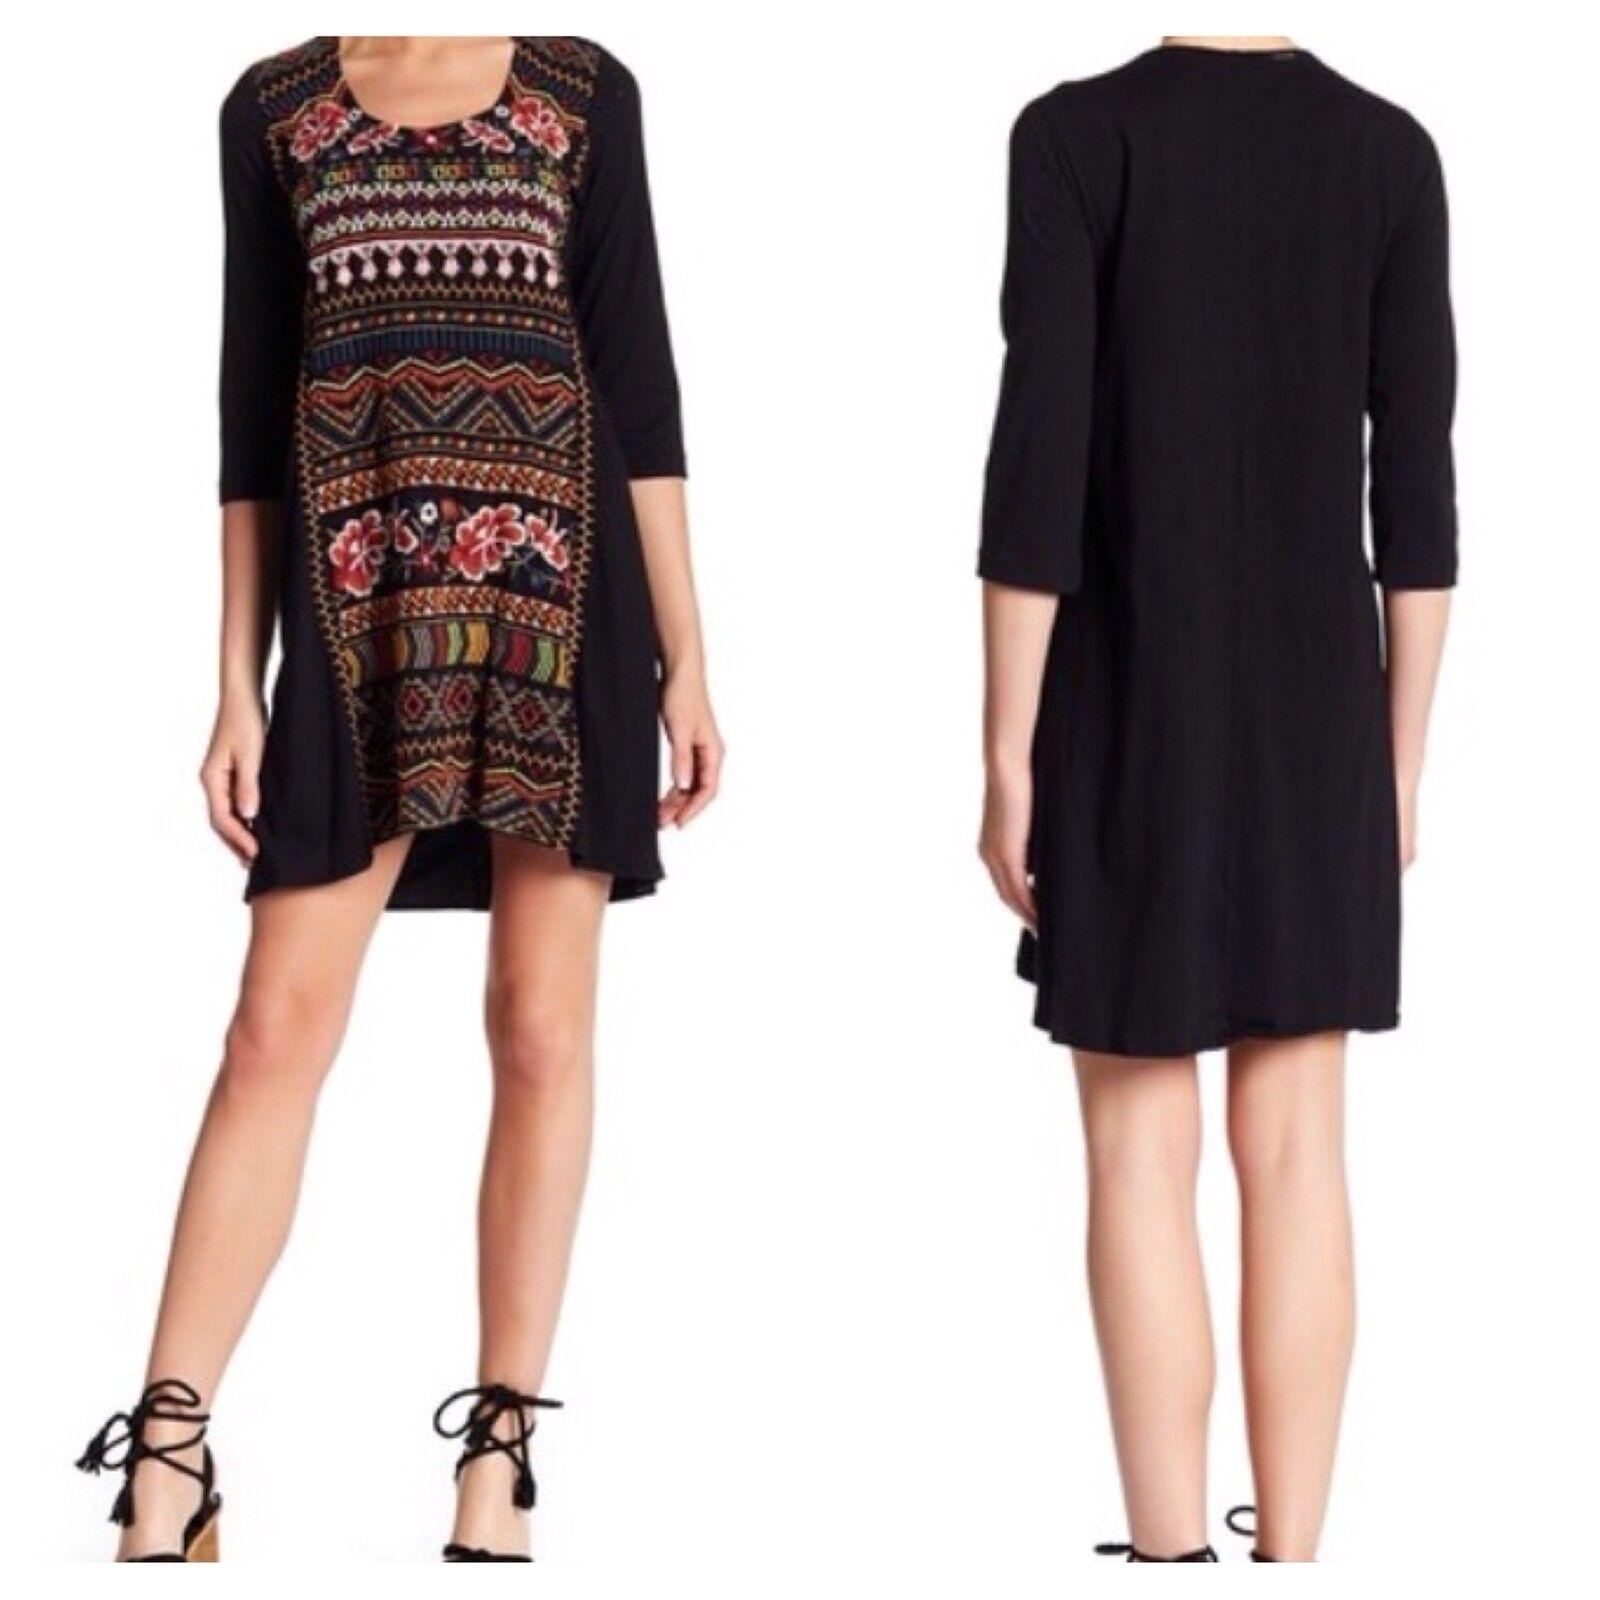 NWT Johnny Was Waleska Embroidered Mini Dress Tunic M M M New 6a372f